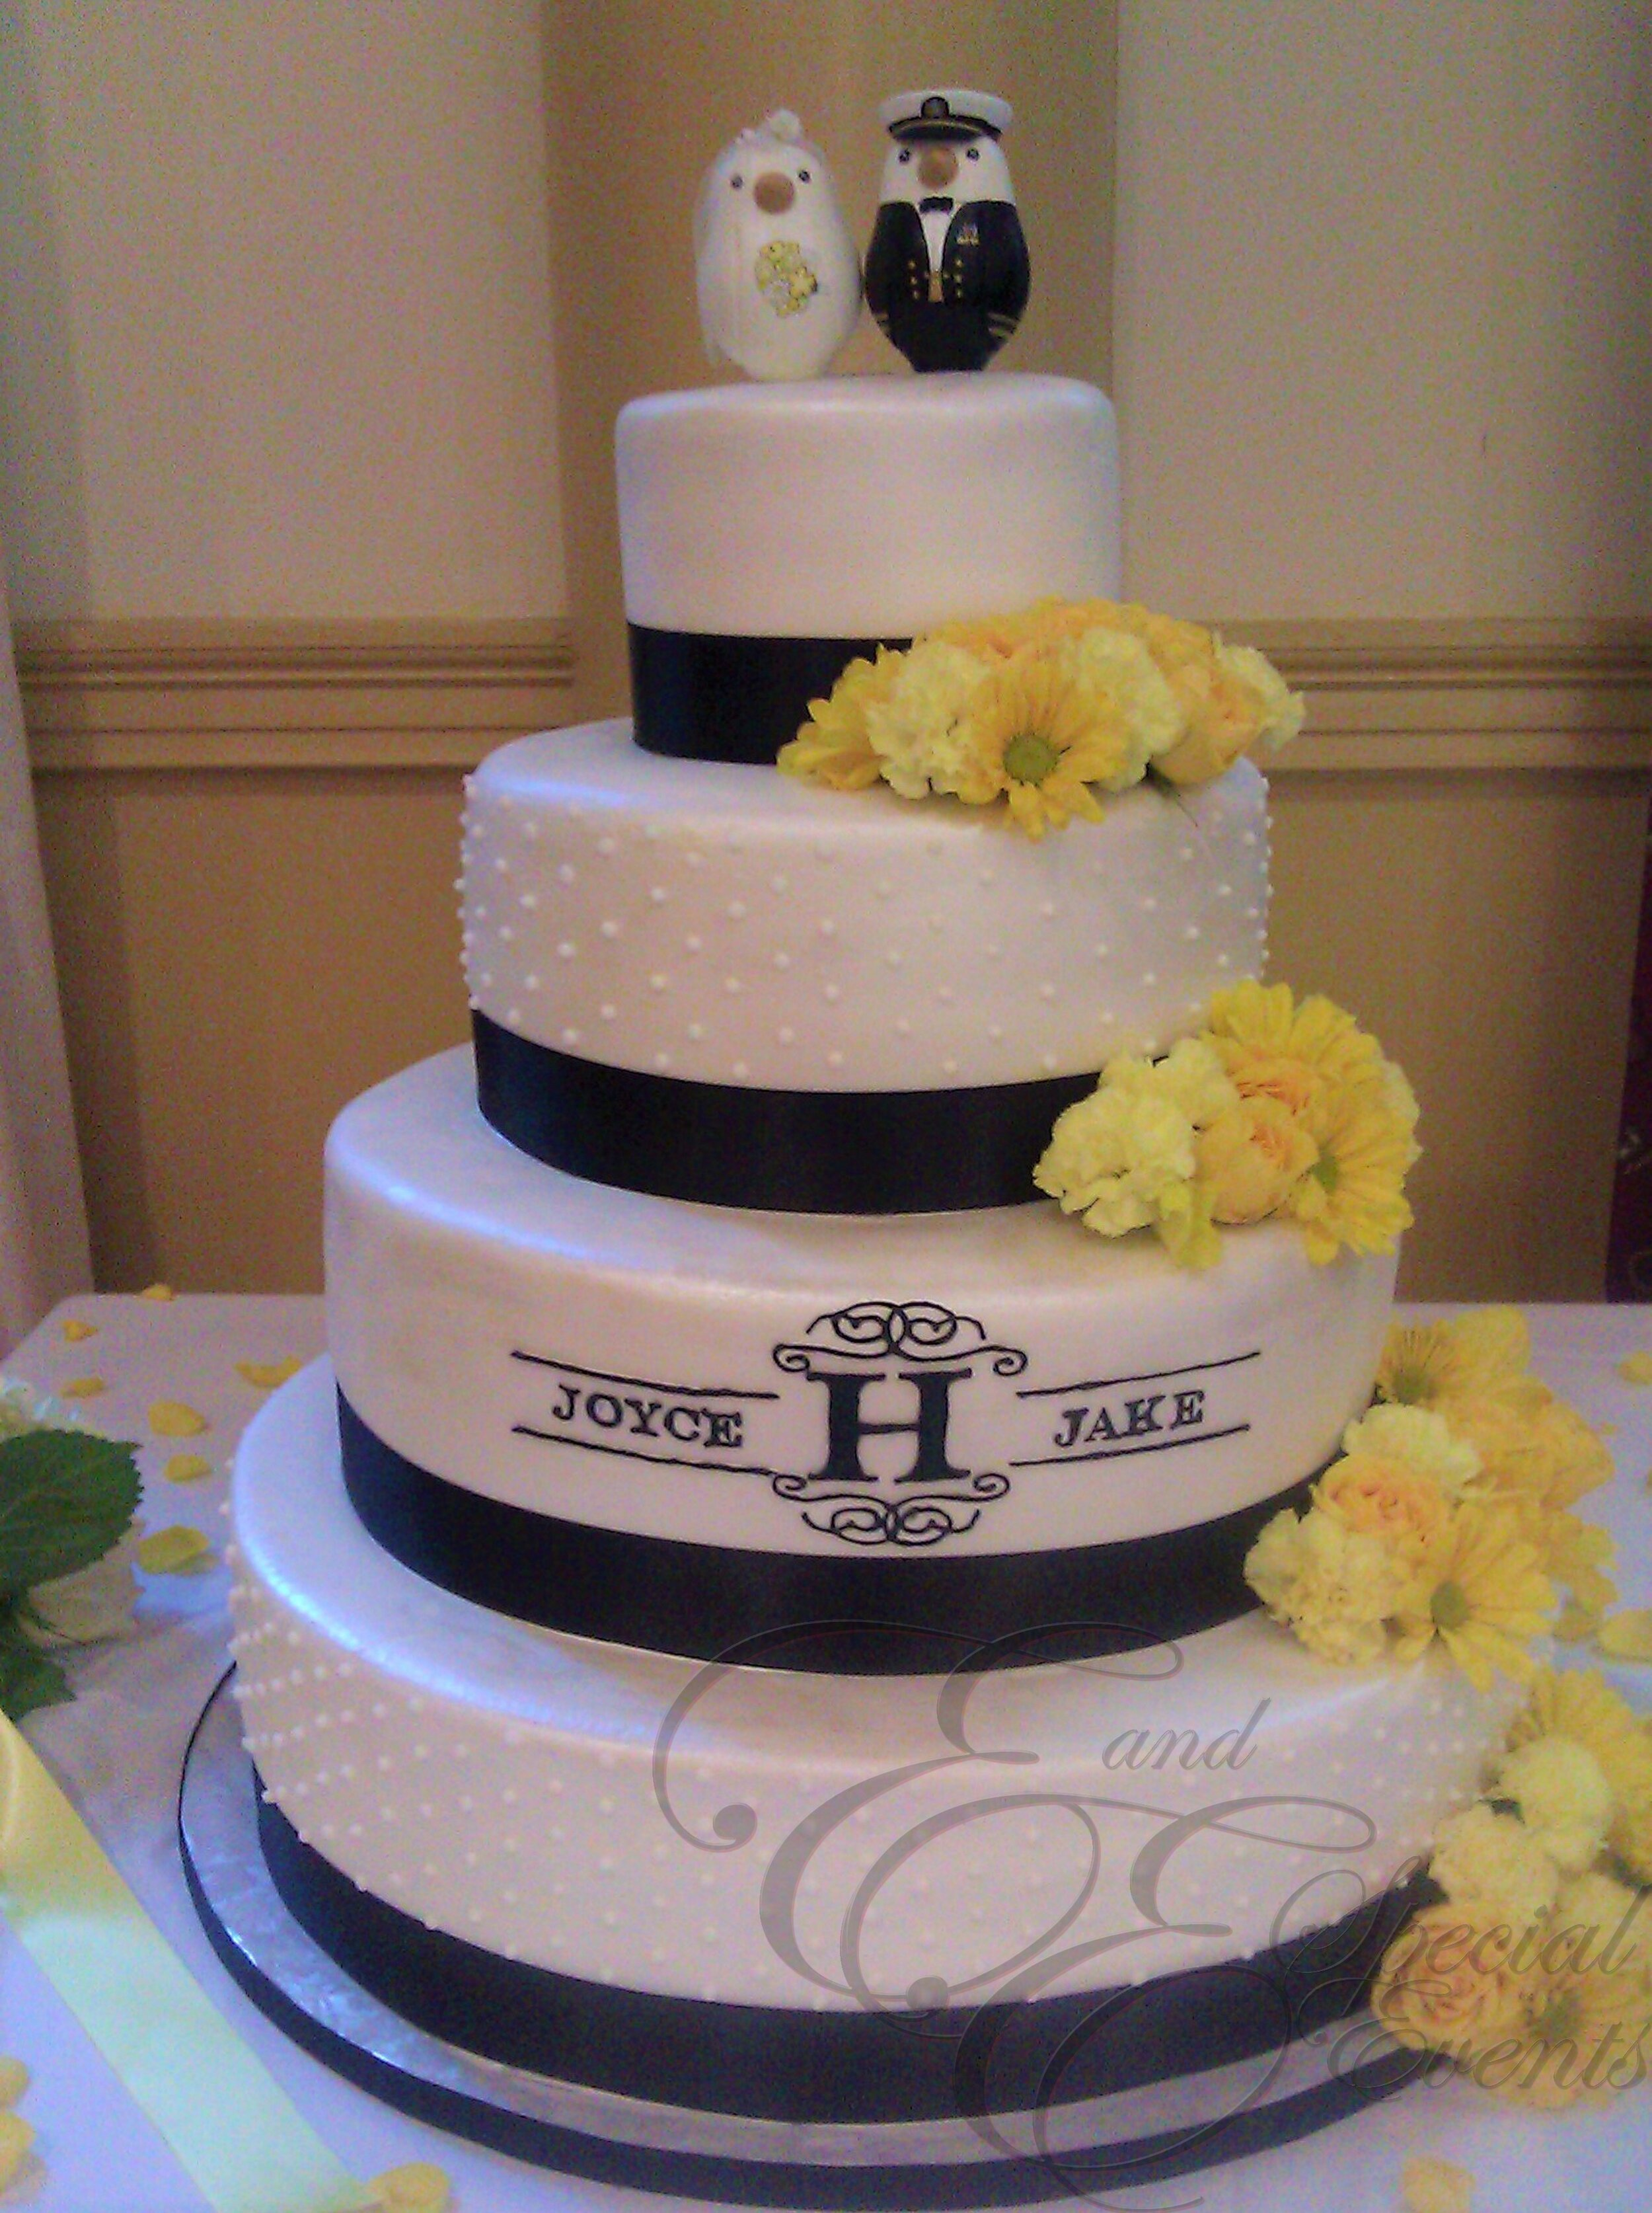 E_E_Special_Events_Unique_Wedding_Cakes_Virginia_Beach_Hampton_Roads16.jpg